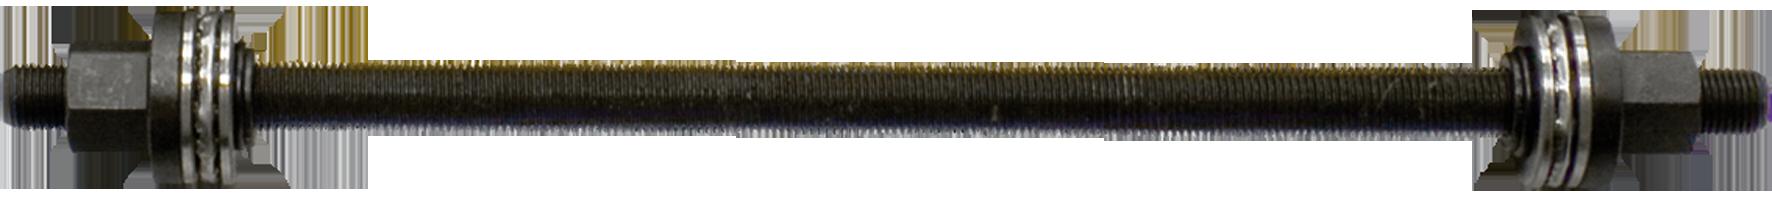 SWSTAHL Spindel Zughülsensatz 10032L-3